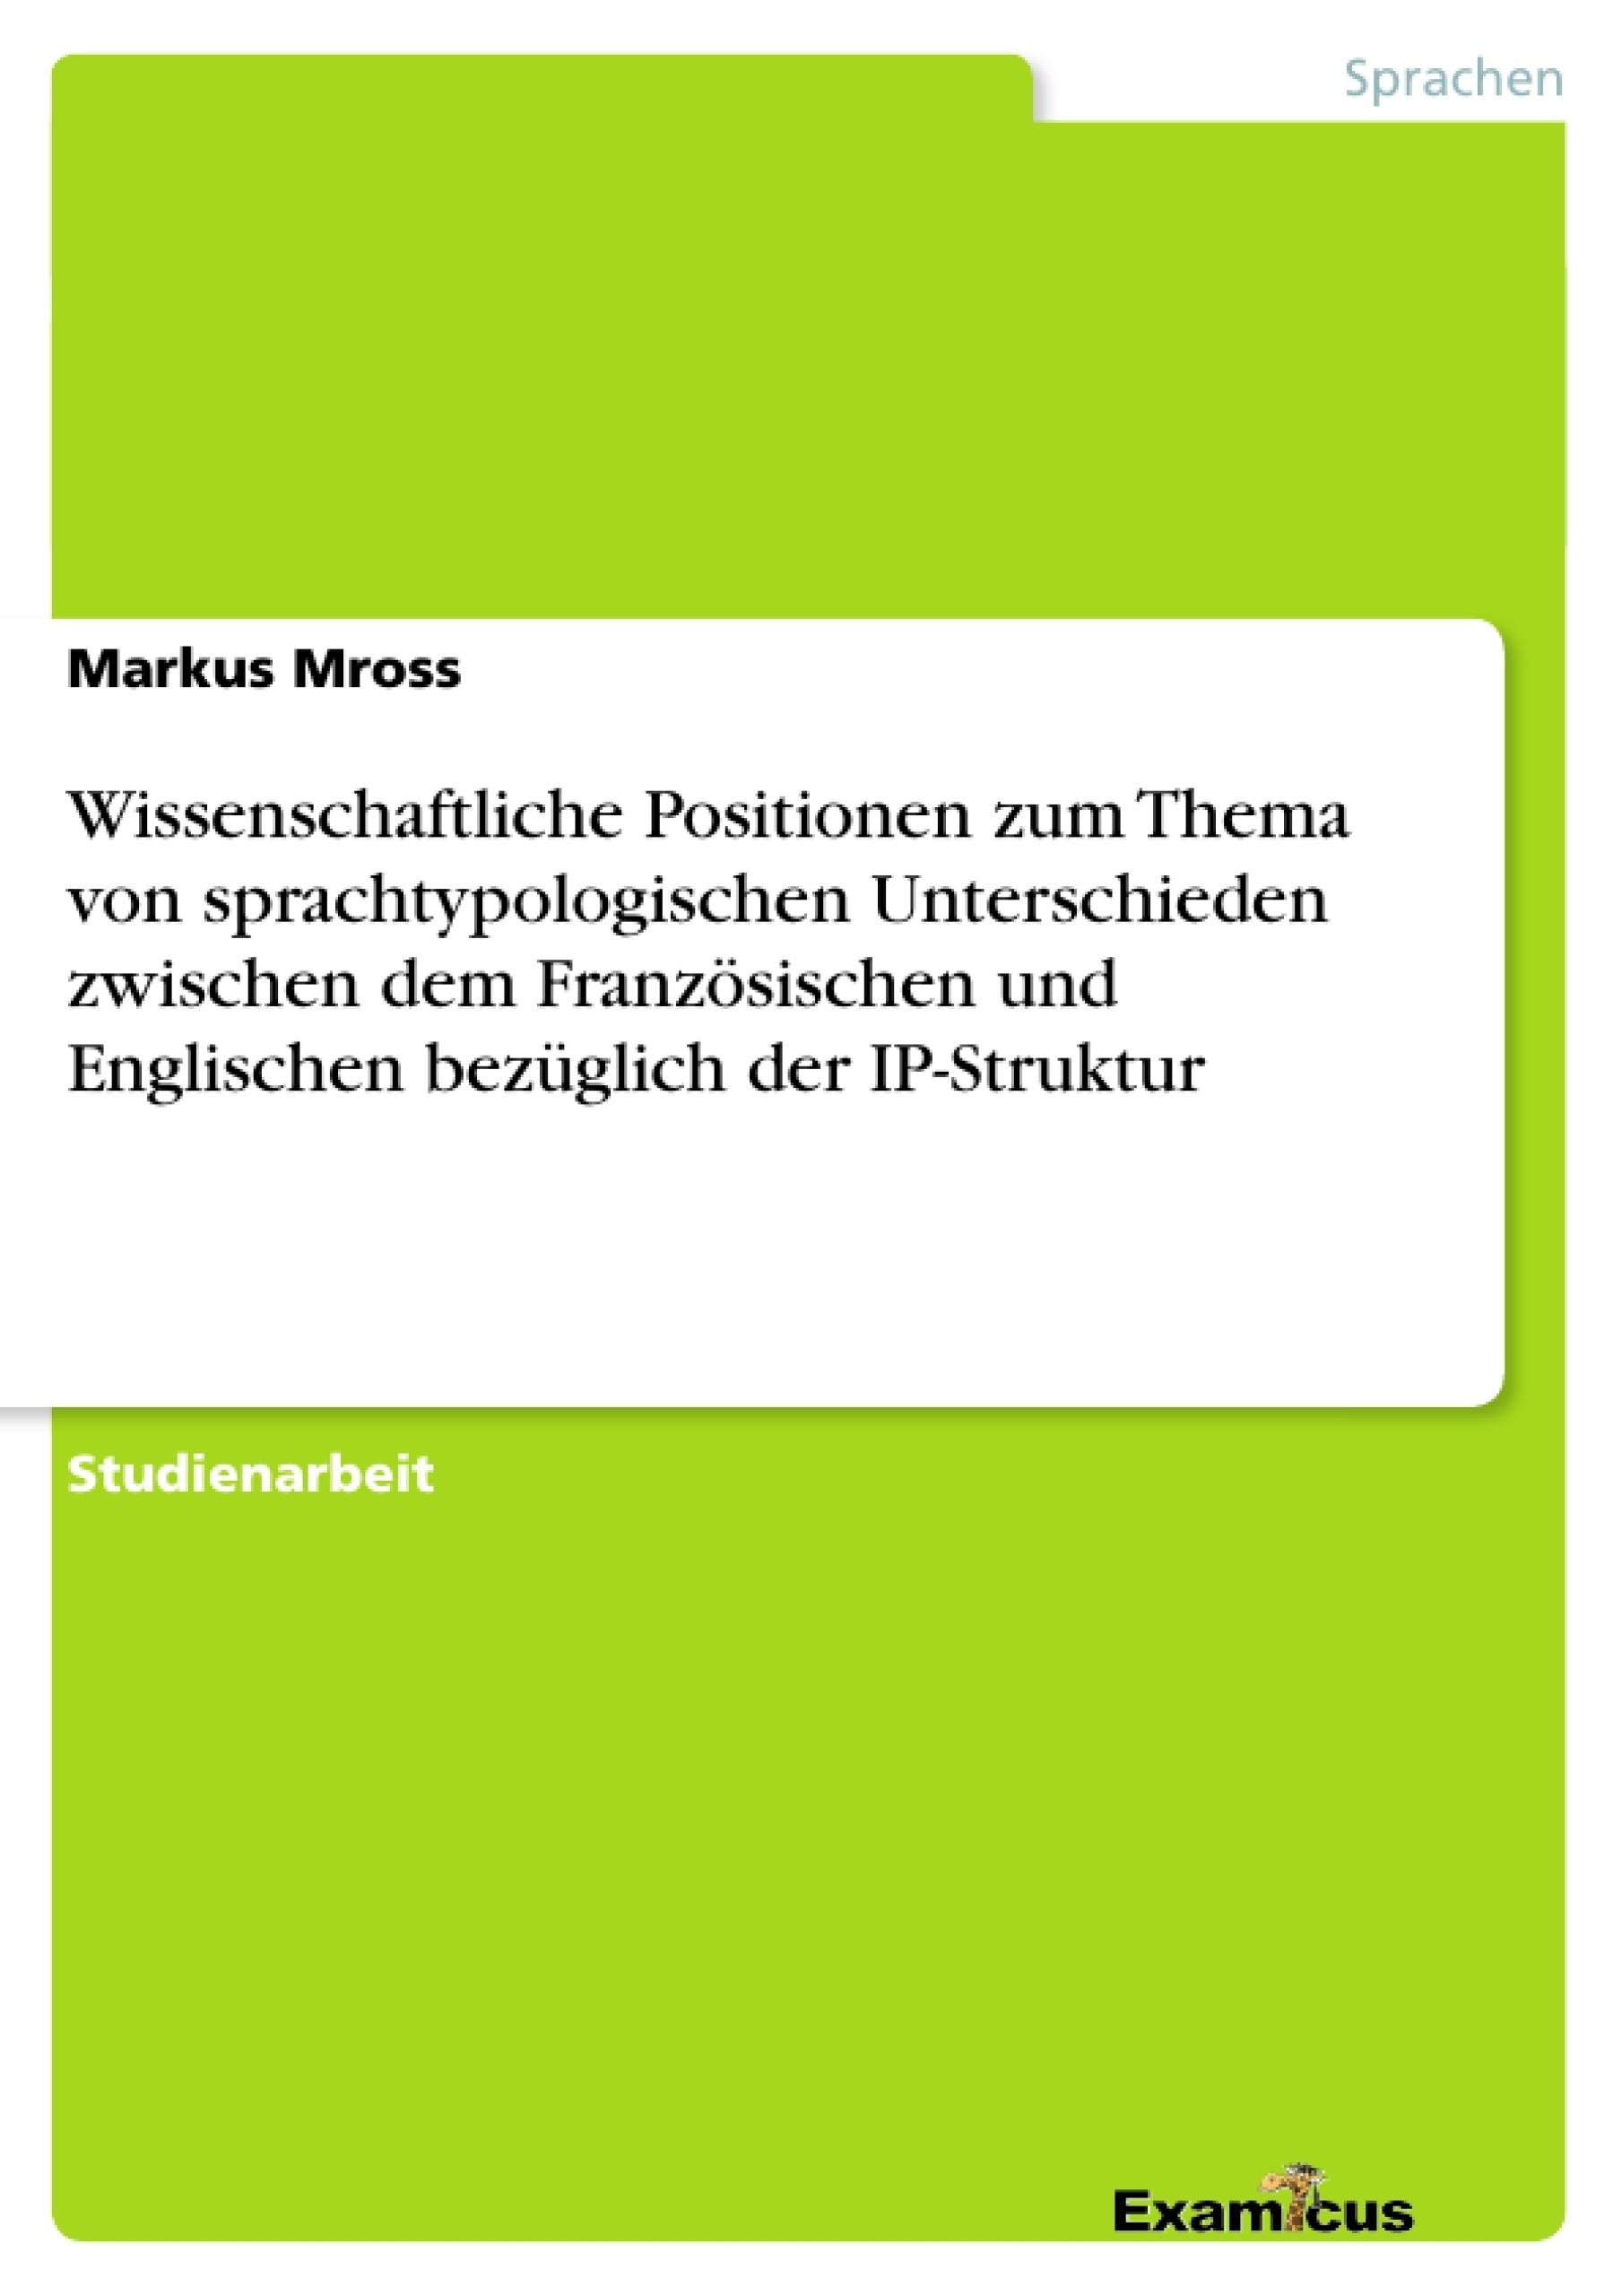 Titel: Wissenschaftliche Positionen zum Thema von sprachtypologischen Unterschieden zwischen dem Französischen und Englischen bezüglich der IP-Struktur